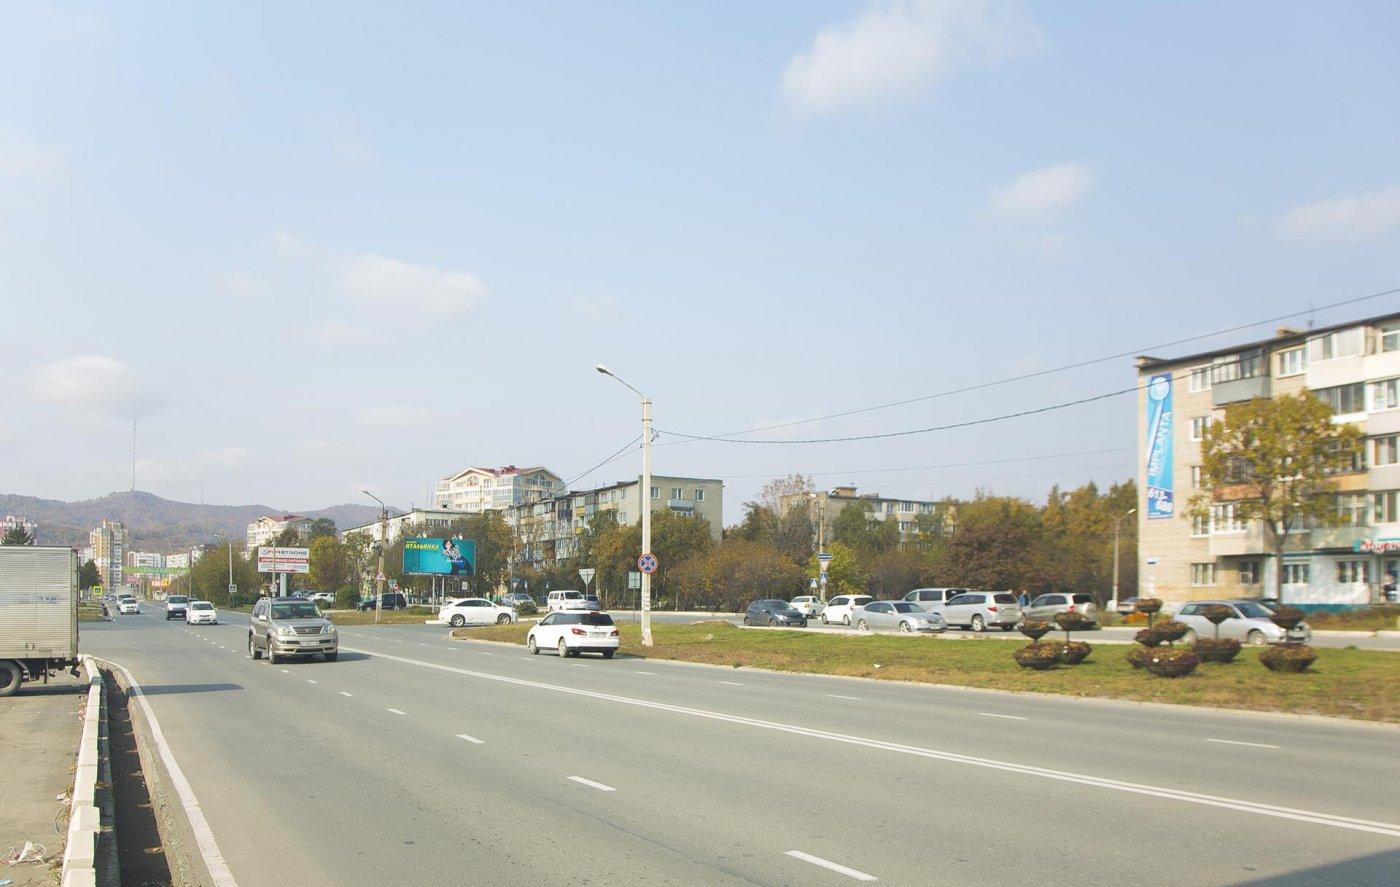 Фото 6536 (Copy).jpg. Россия, Приморский край, город Находка, Unnamed Road